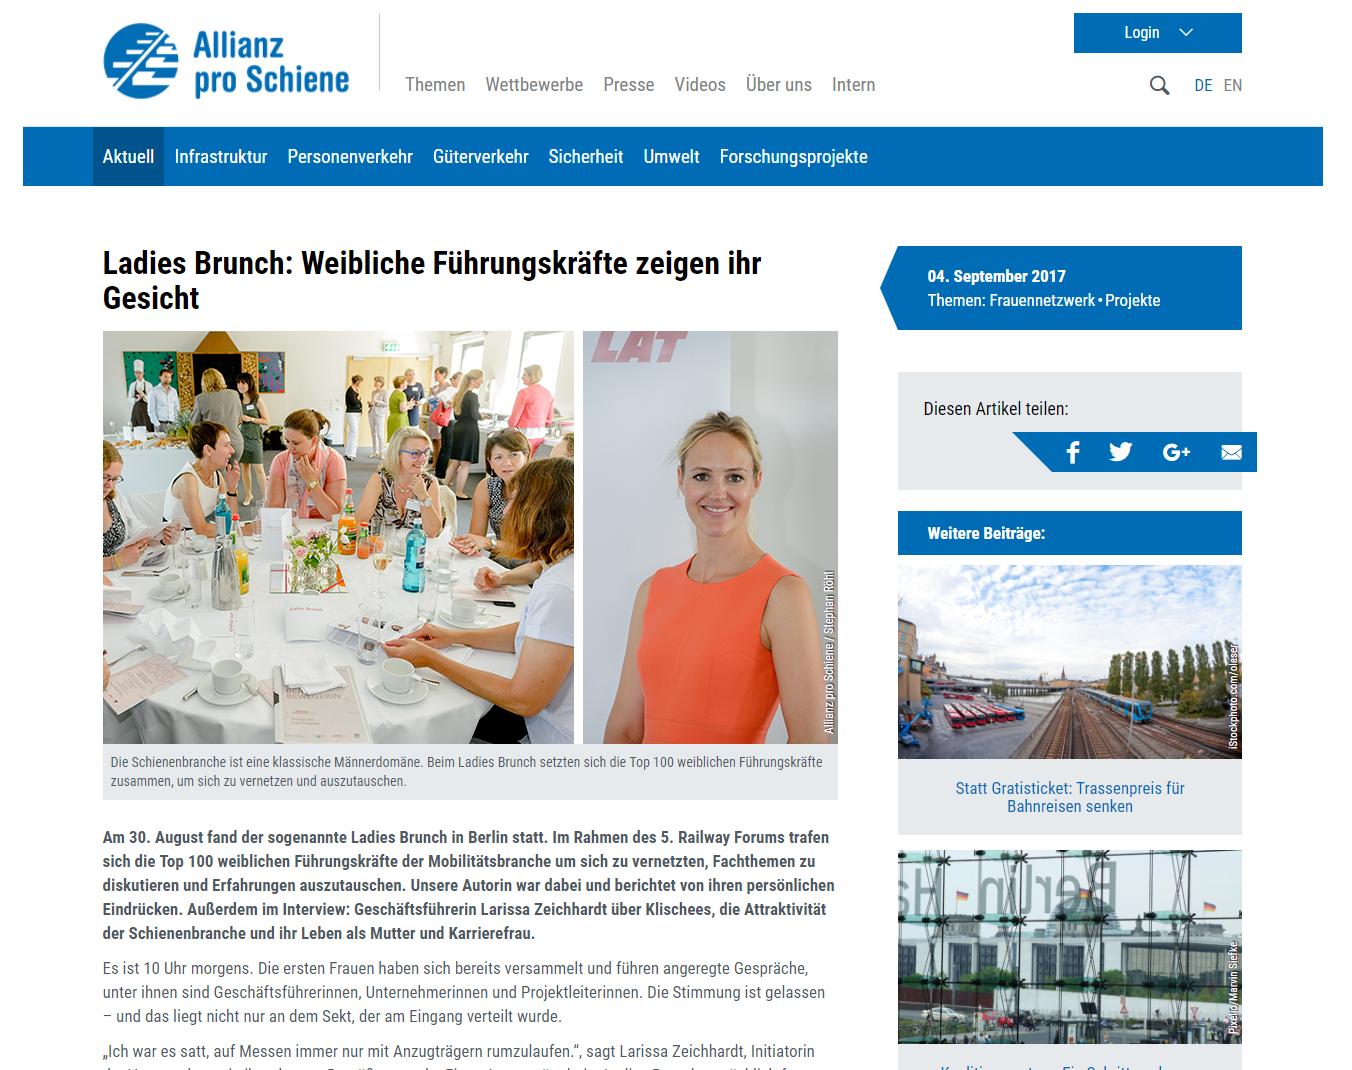 Allianz pro Schiene - 4. September 2017